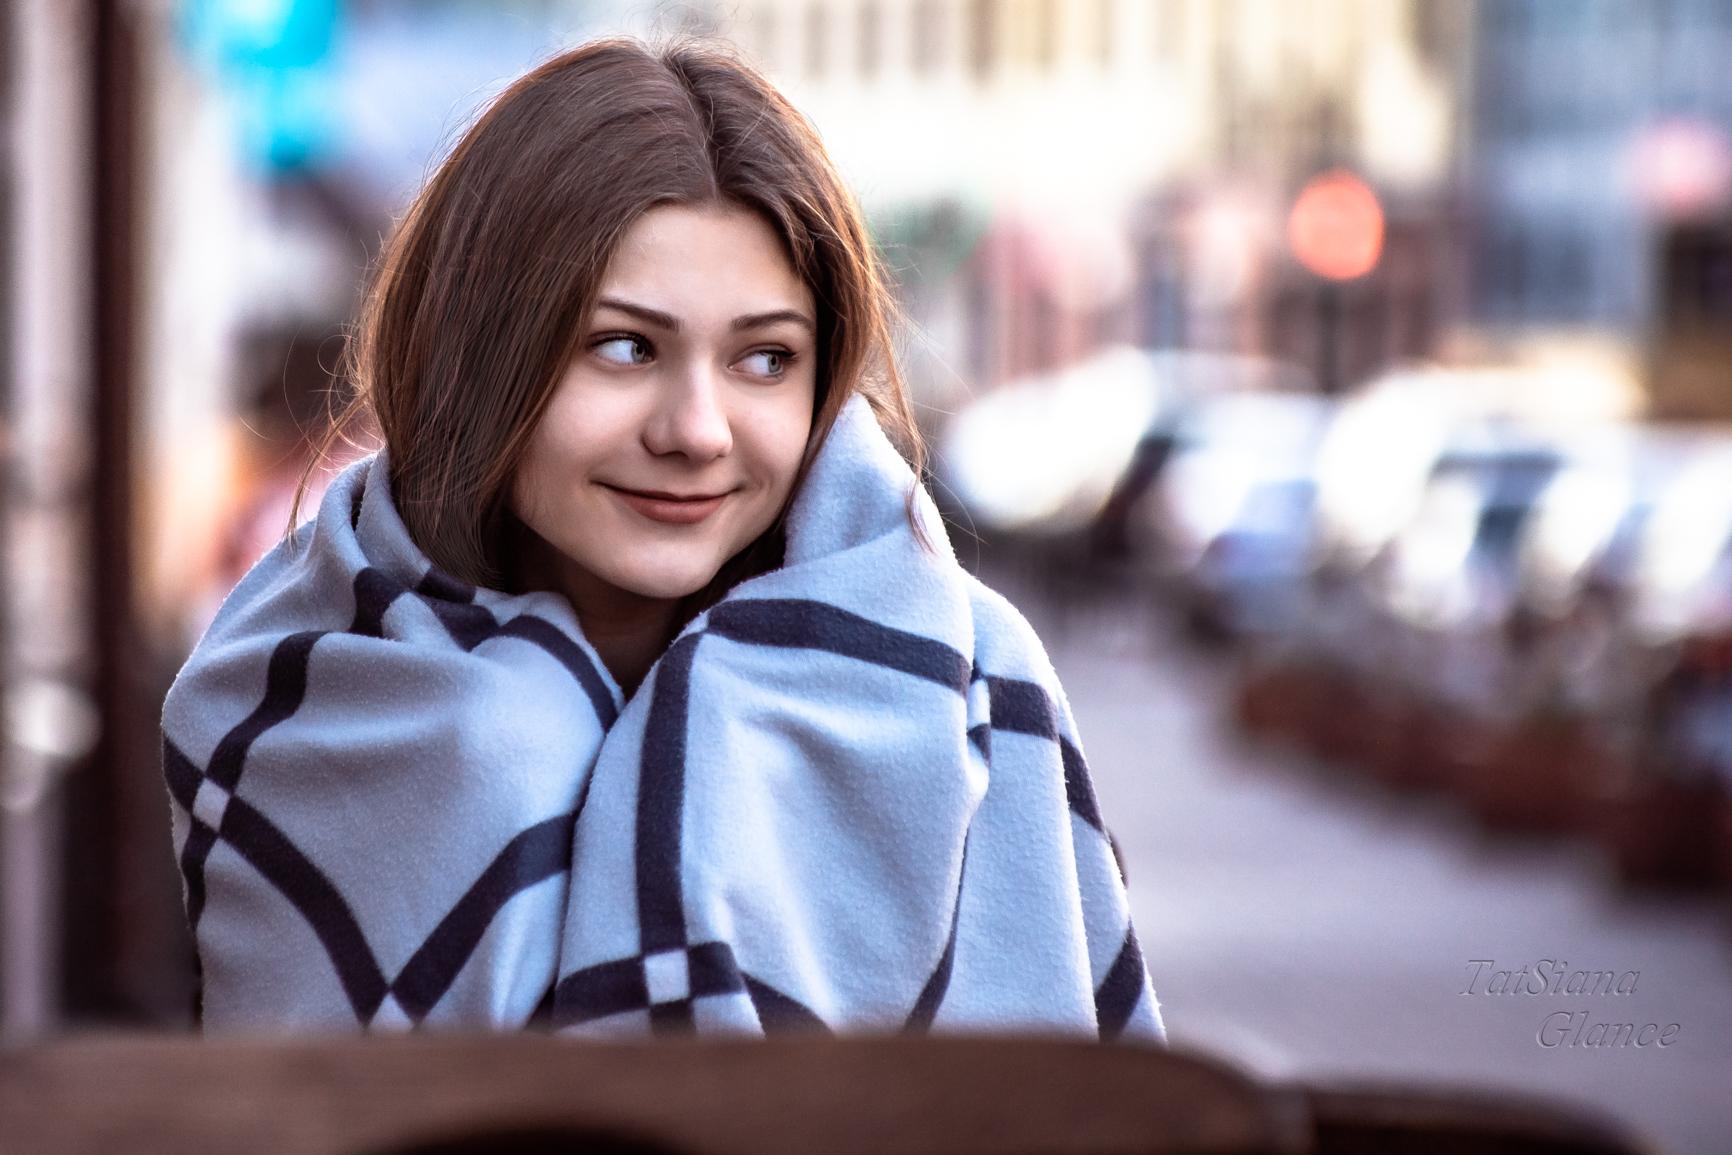 #фотосессия, #фотограф, #фотосессия_в_городе, #фотограф_минск, #портрет, женский_портрет